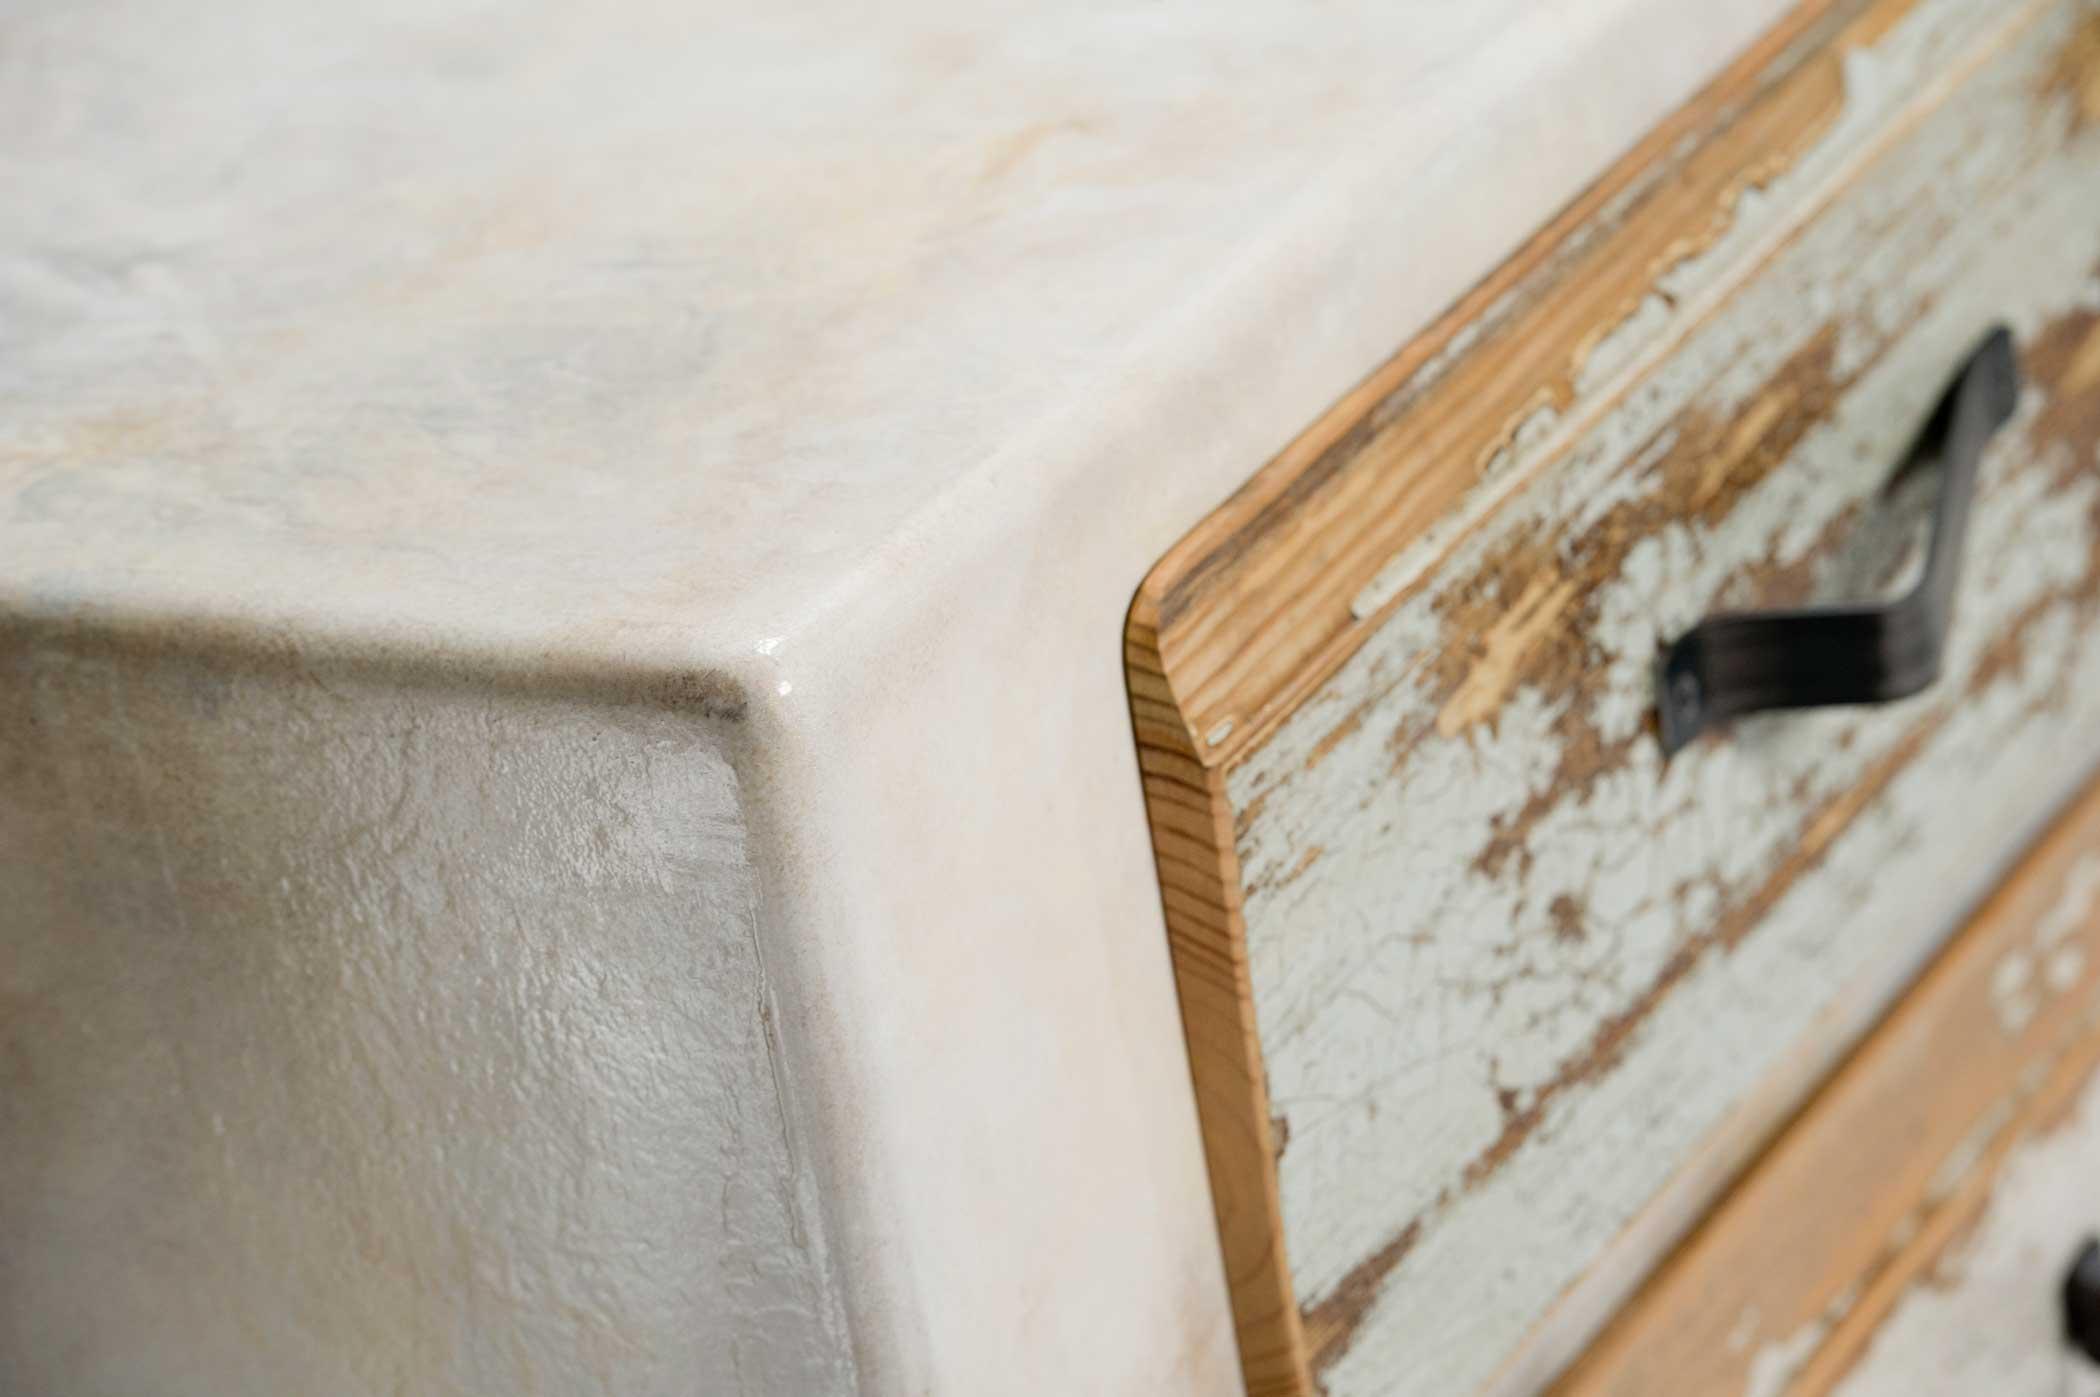 Cassettiera con maniglia in ferro ossidato, legno dei cassetti scrostato.